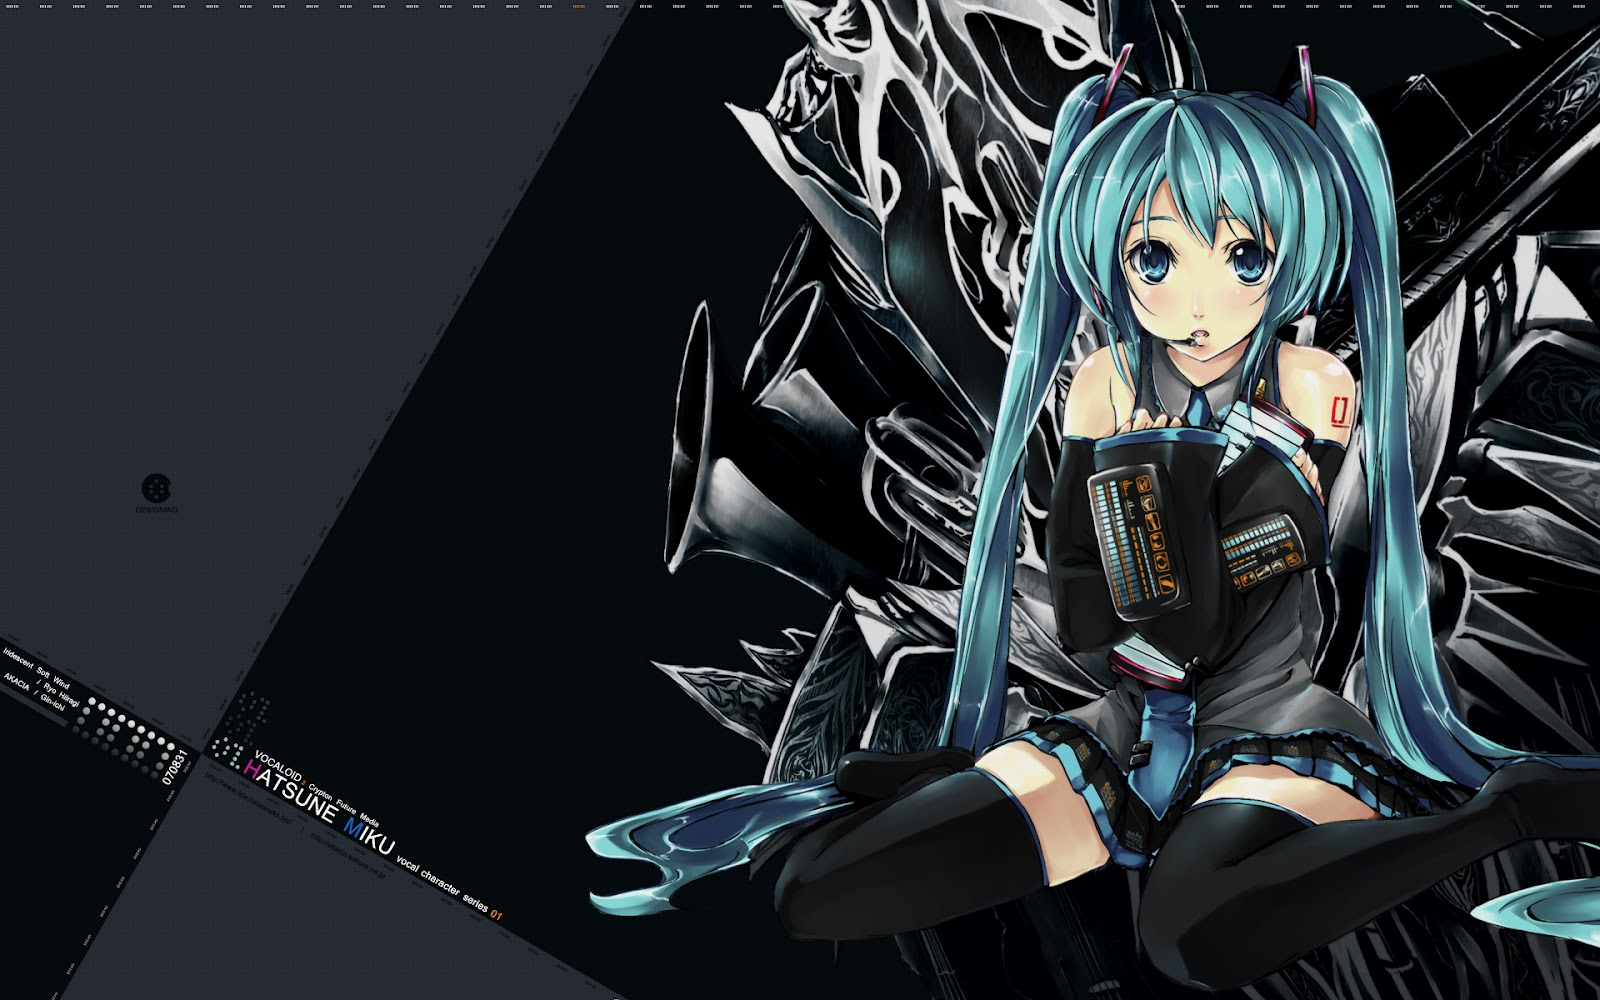 http://3.bp.blogspot.com/-YC2NYdtRH_o/UDrWdhdSy7I/AAAAAAAAA-o/Rid3gma80iw/s1600/konachan-com-47280-hatsune_miku-vocaloid.jpg